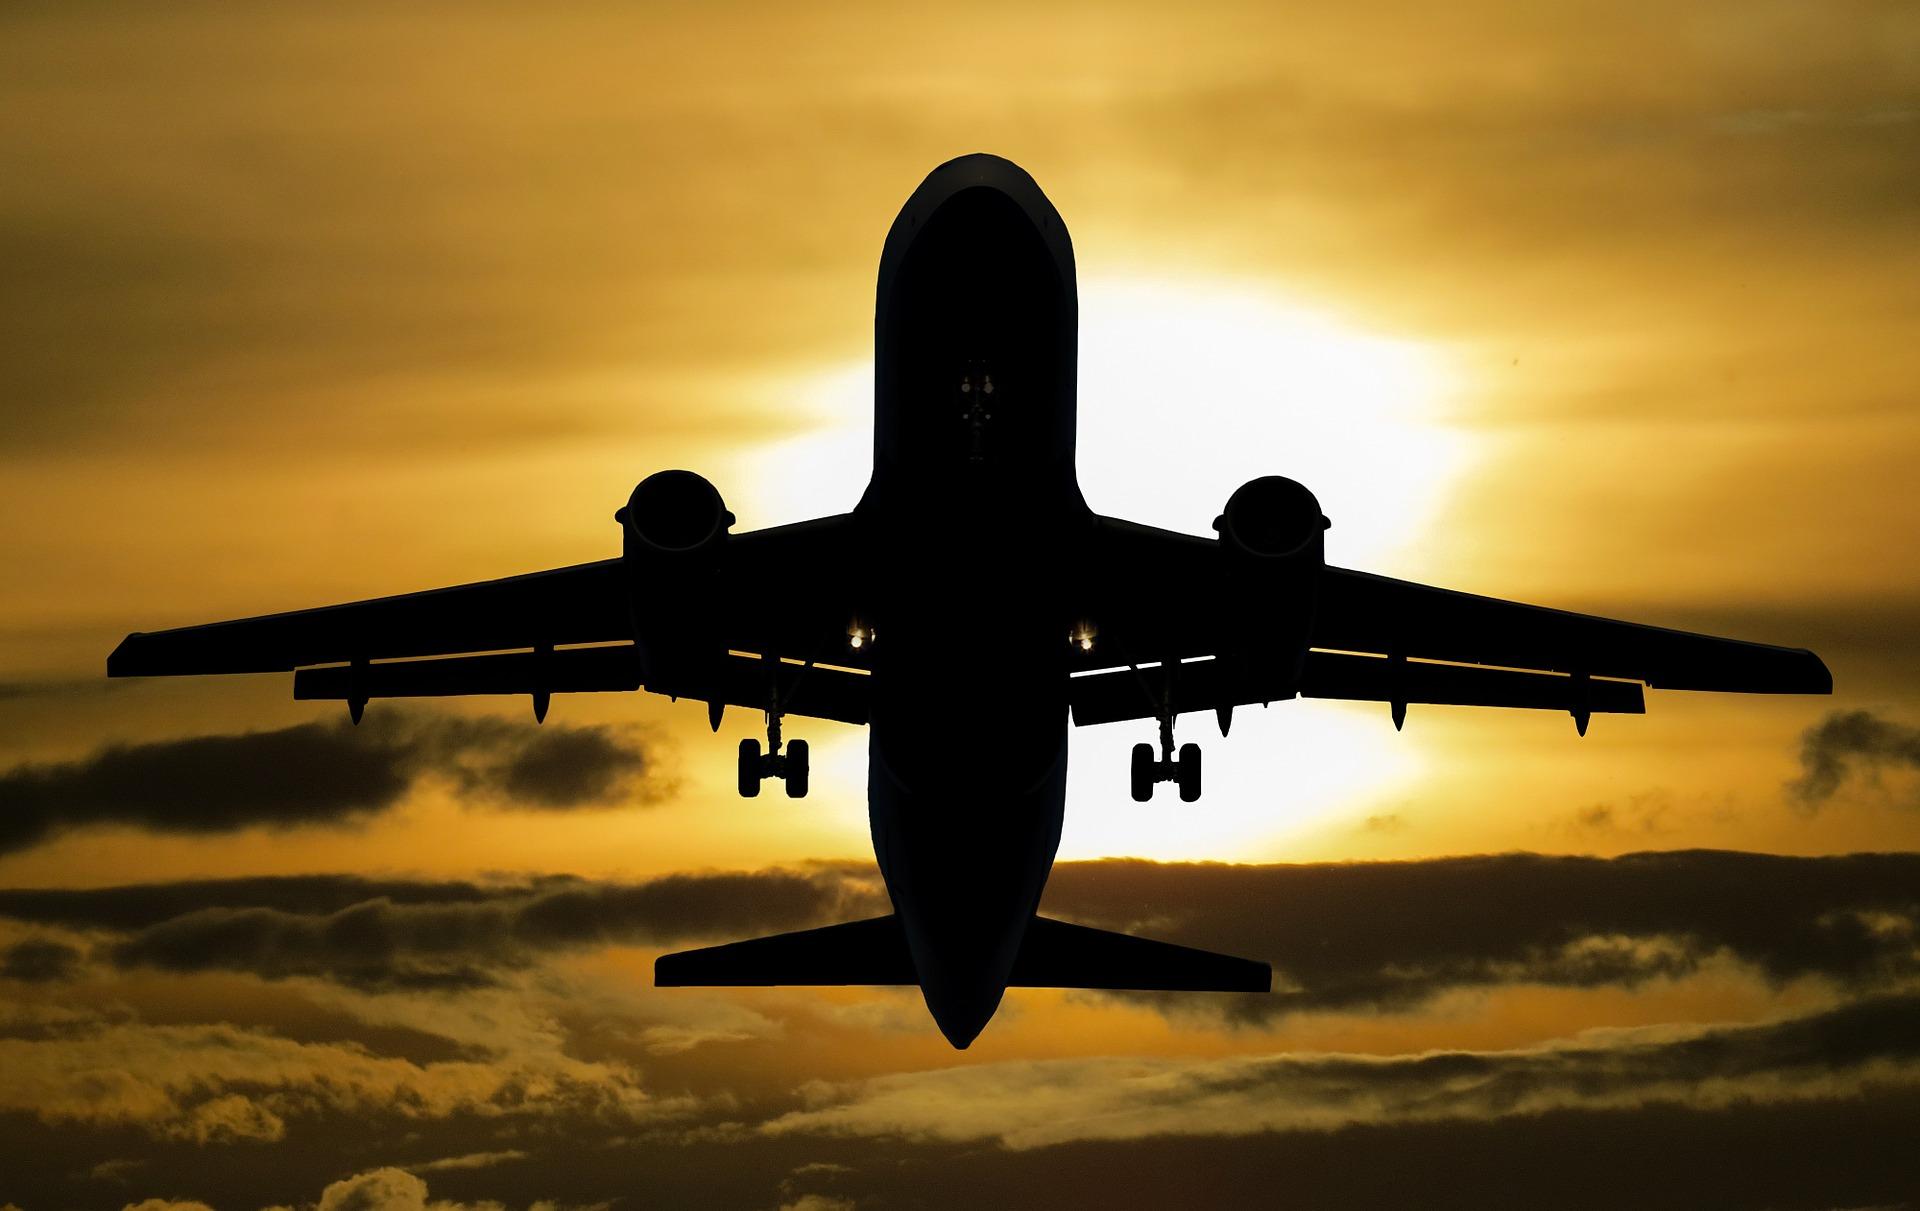 aircraft-1362586_1920